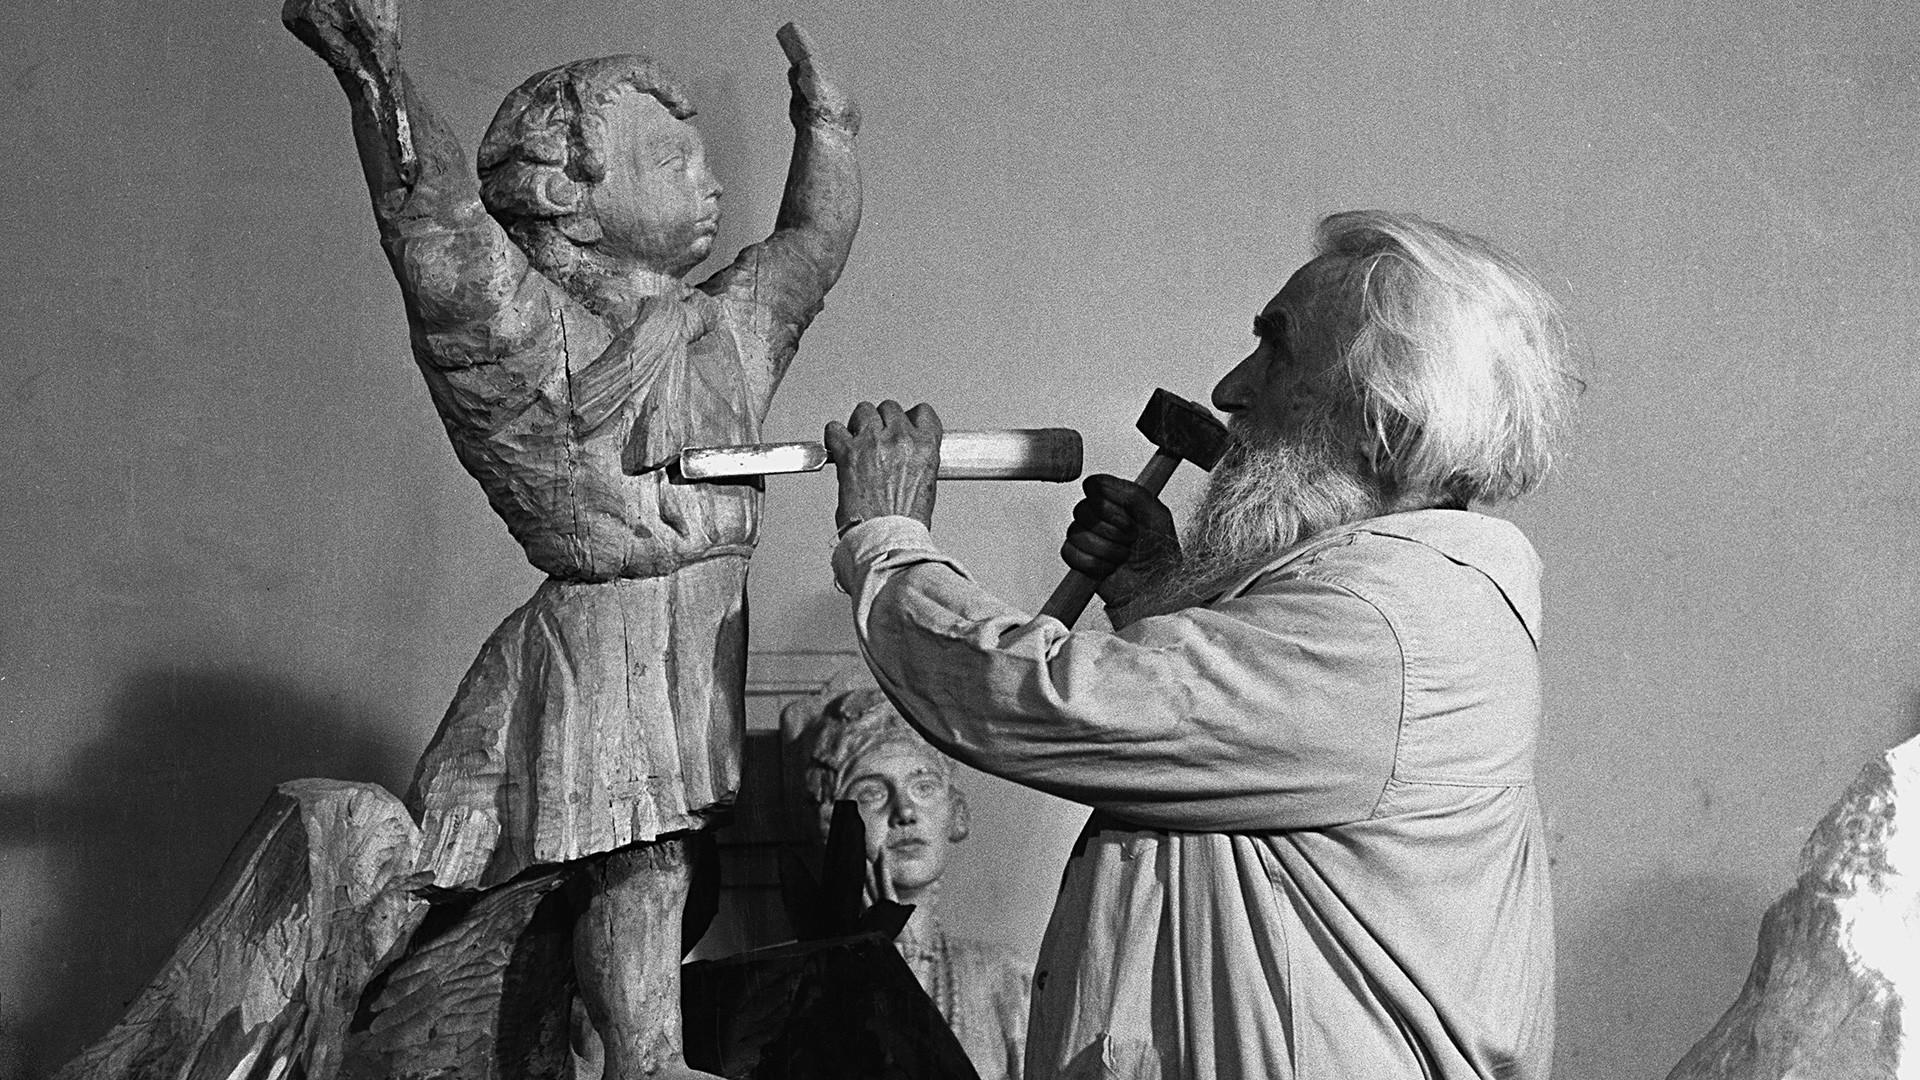 なぜ共産主義を推進した彫刻家がボリシェヴィキに処刑されたか ...